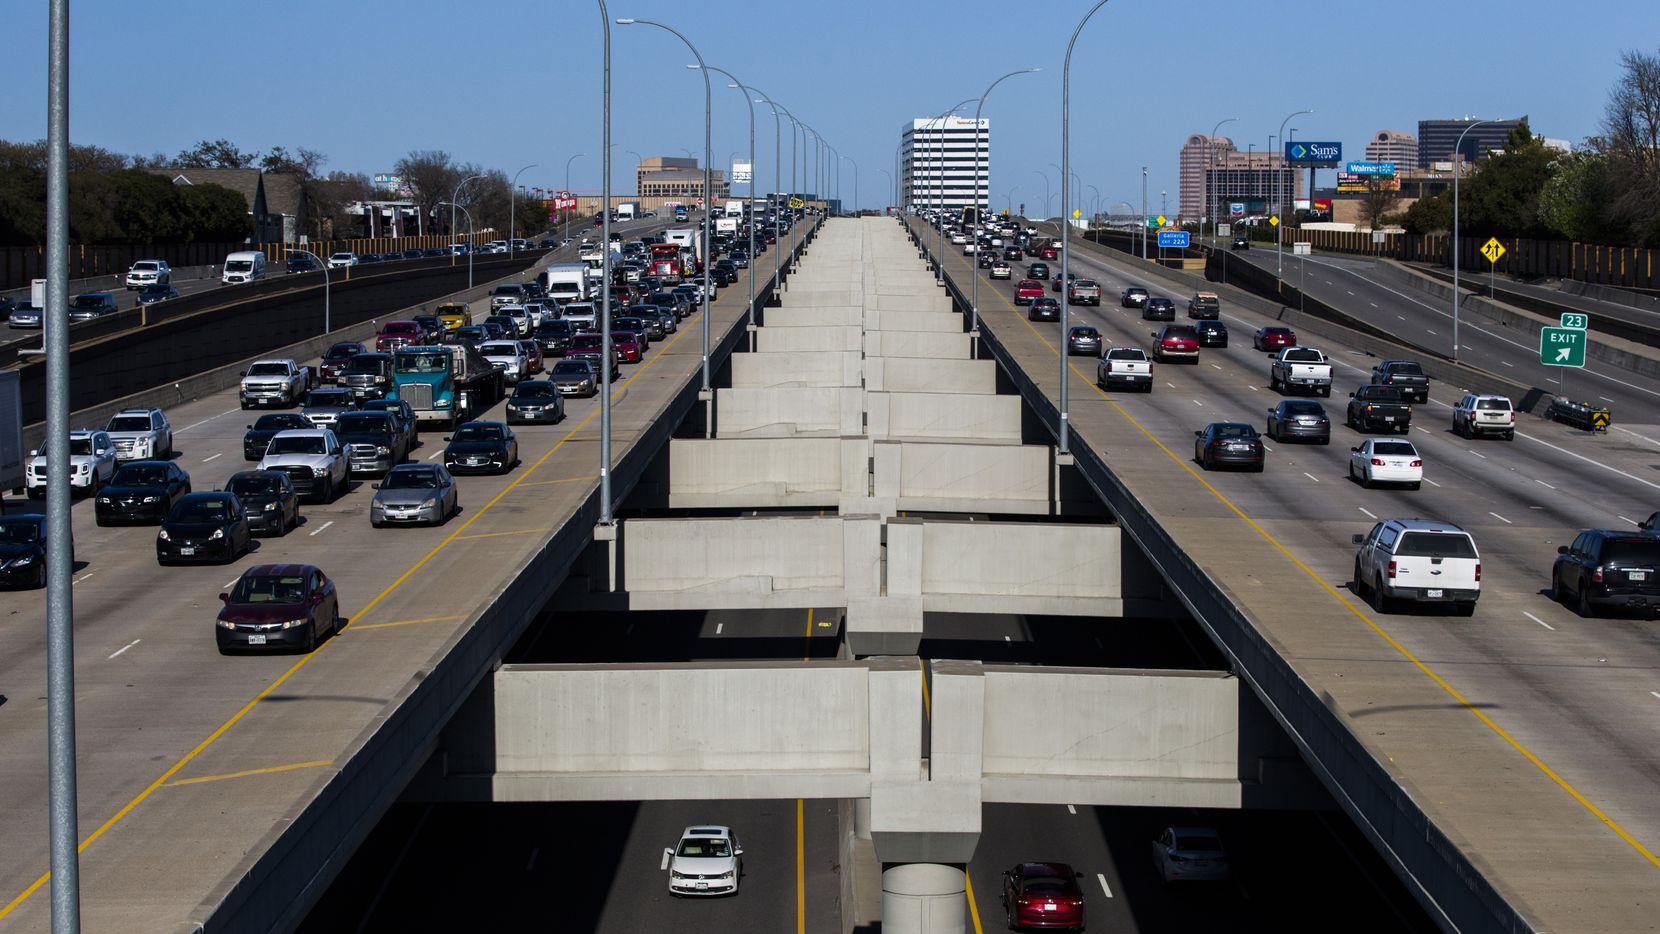 La configuración de Dallas y Fort Worth llena de carreteras y un transporte público escaso pudo evitar una rápida propagación del coronavirus. Pero un urbanista y una epidemióloga difieren.